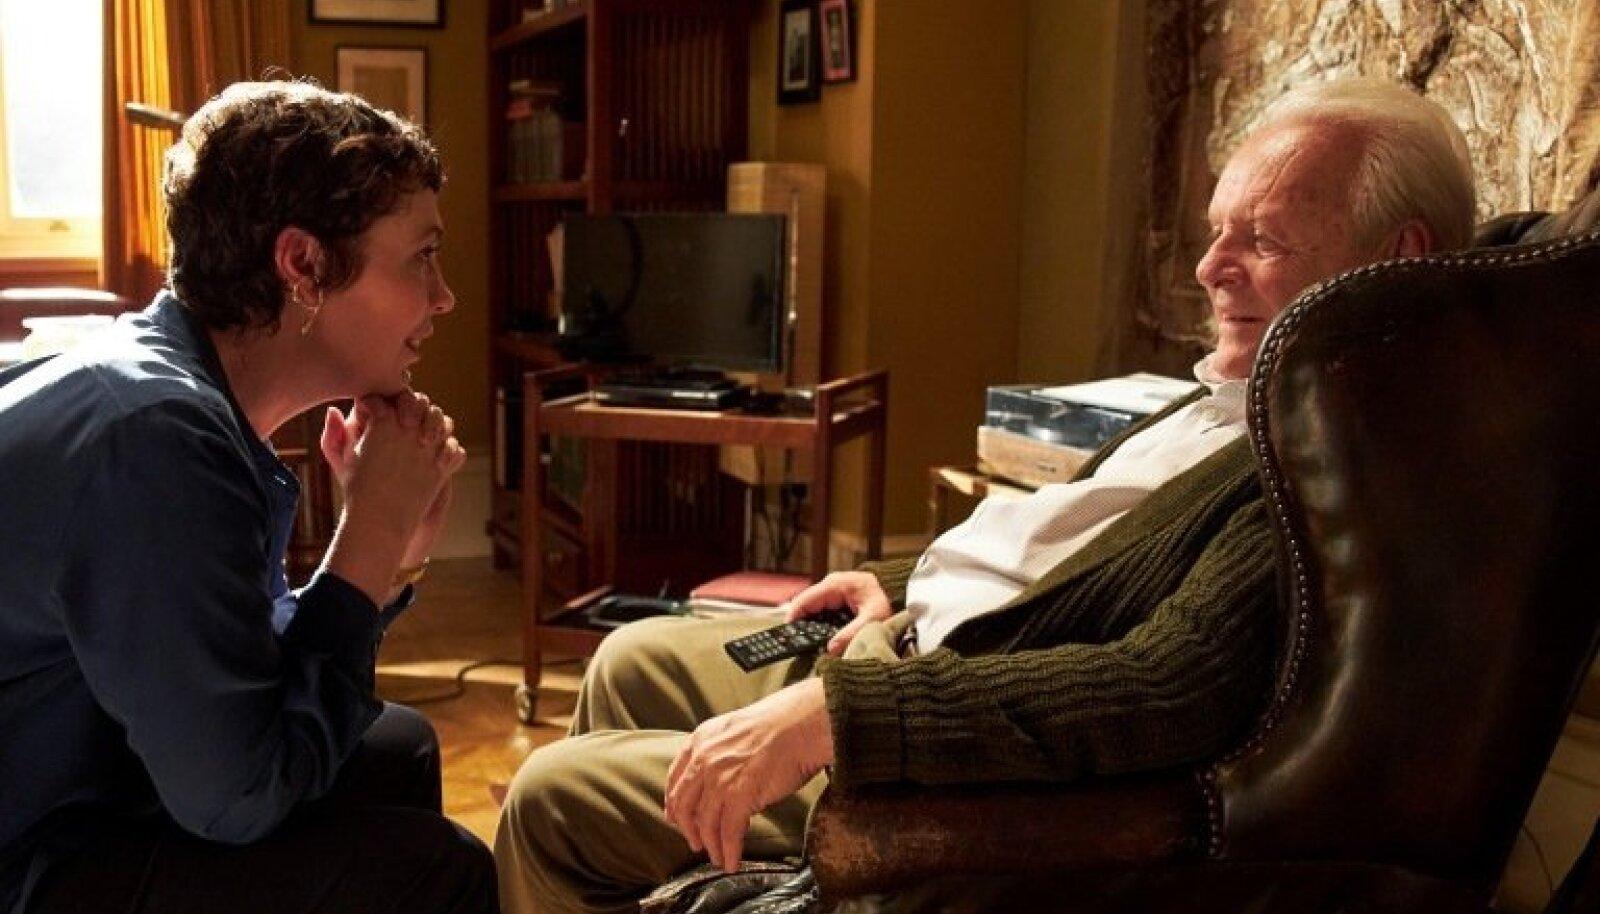 """KULLAPROOVIGA FILM: Parima kohandatud käsikirja ja meespeaosatäitja Oscaritega pärjatud """"Isa"""" viib vaataja tundeküllasele rännakule eluõhtut veetva mehe hääbuvasse siseilma. Isa ja tütre rollides Anthony Hopkins ja Olivia Colman."""